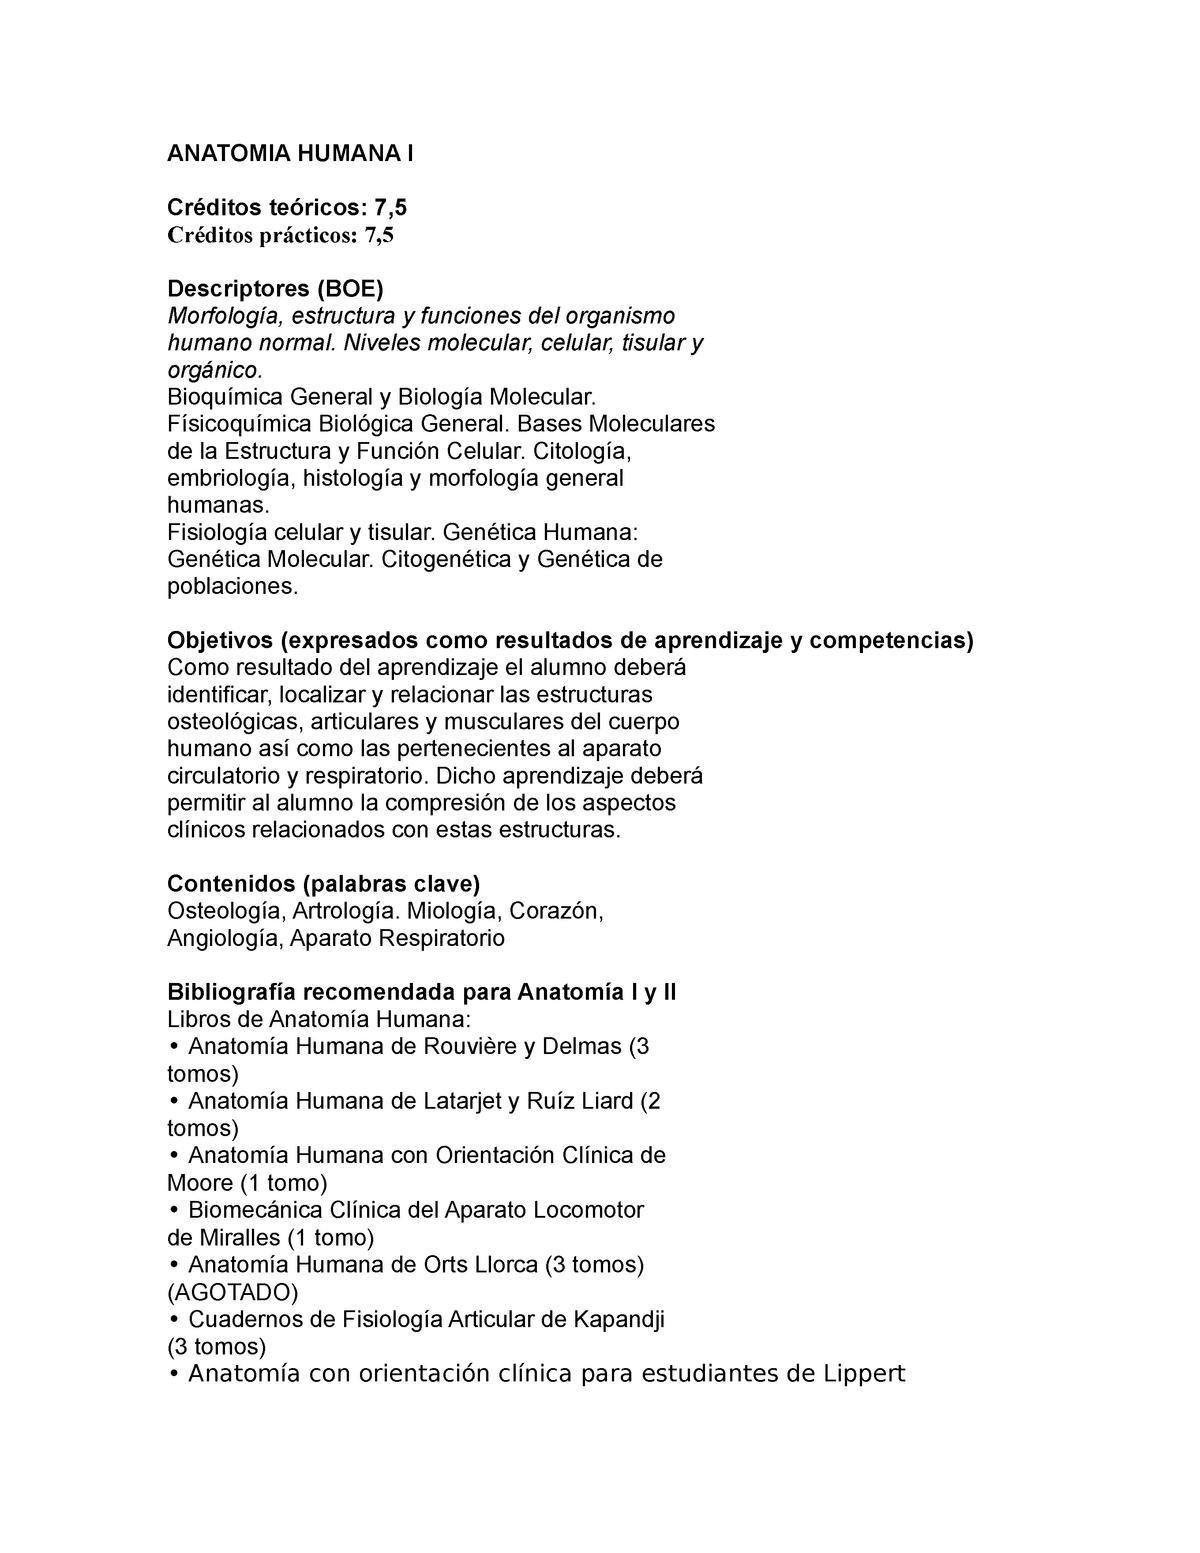 Guia Anatomia Humana I 09 10 Ana2131 Upp Studocu